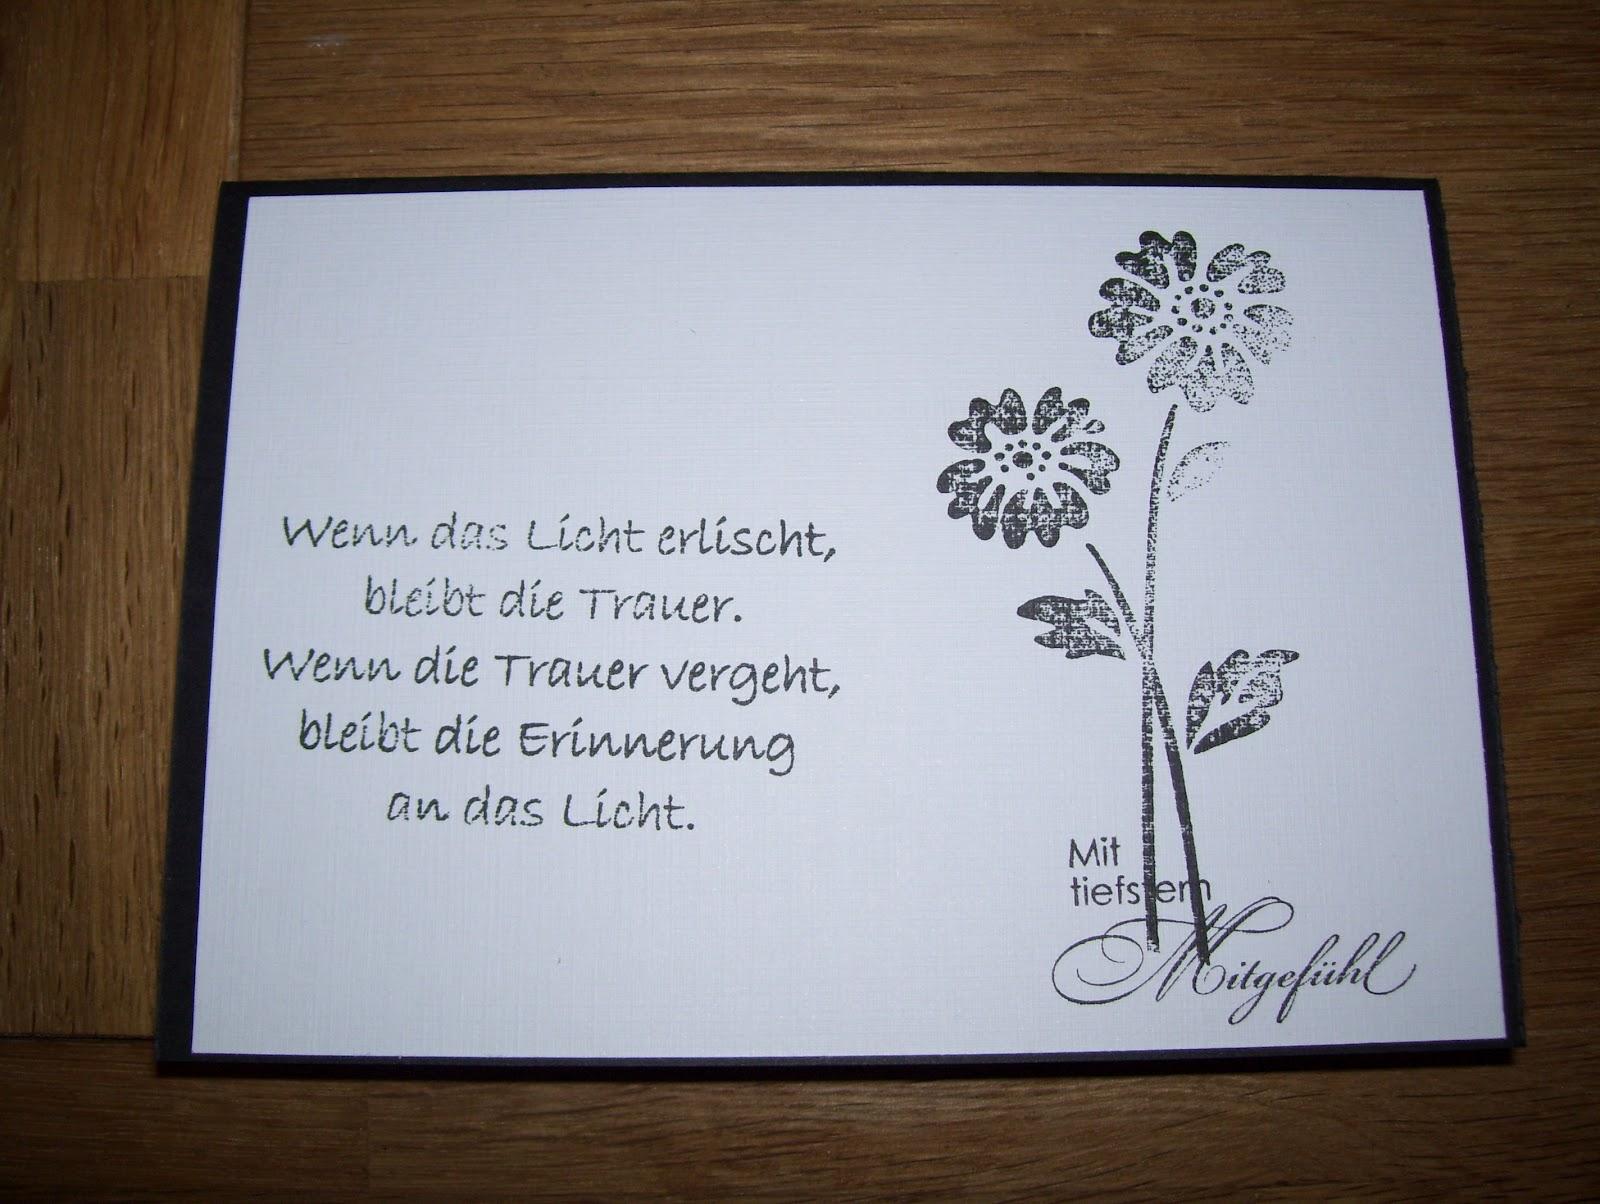 Die Karten Unterscheiden Sich Nur Aufgrund Der Verschiedenen Sprüche.